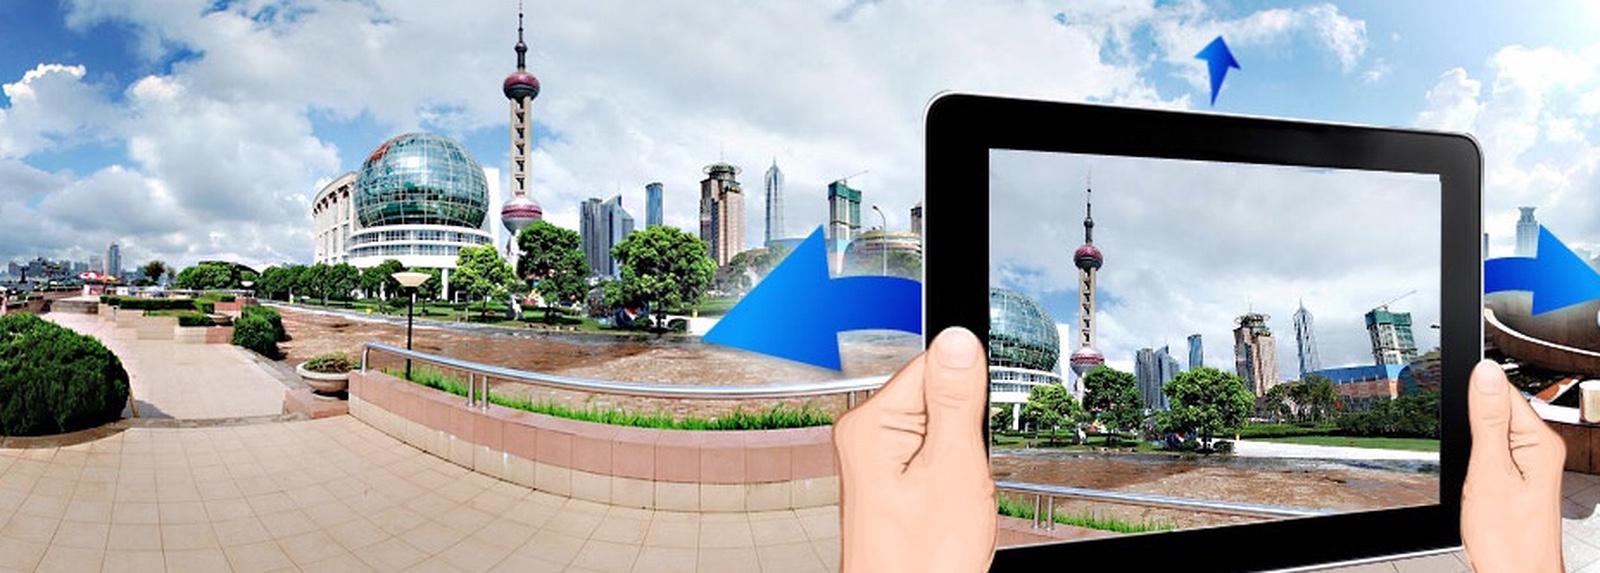 Панорамы виртуальная прогулка